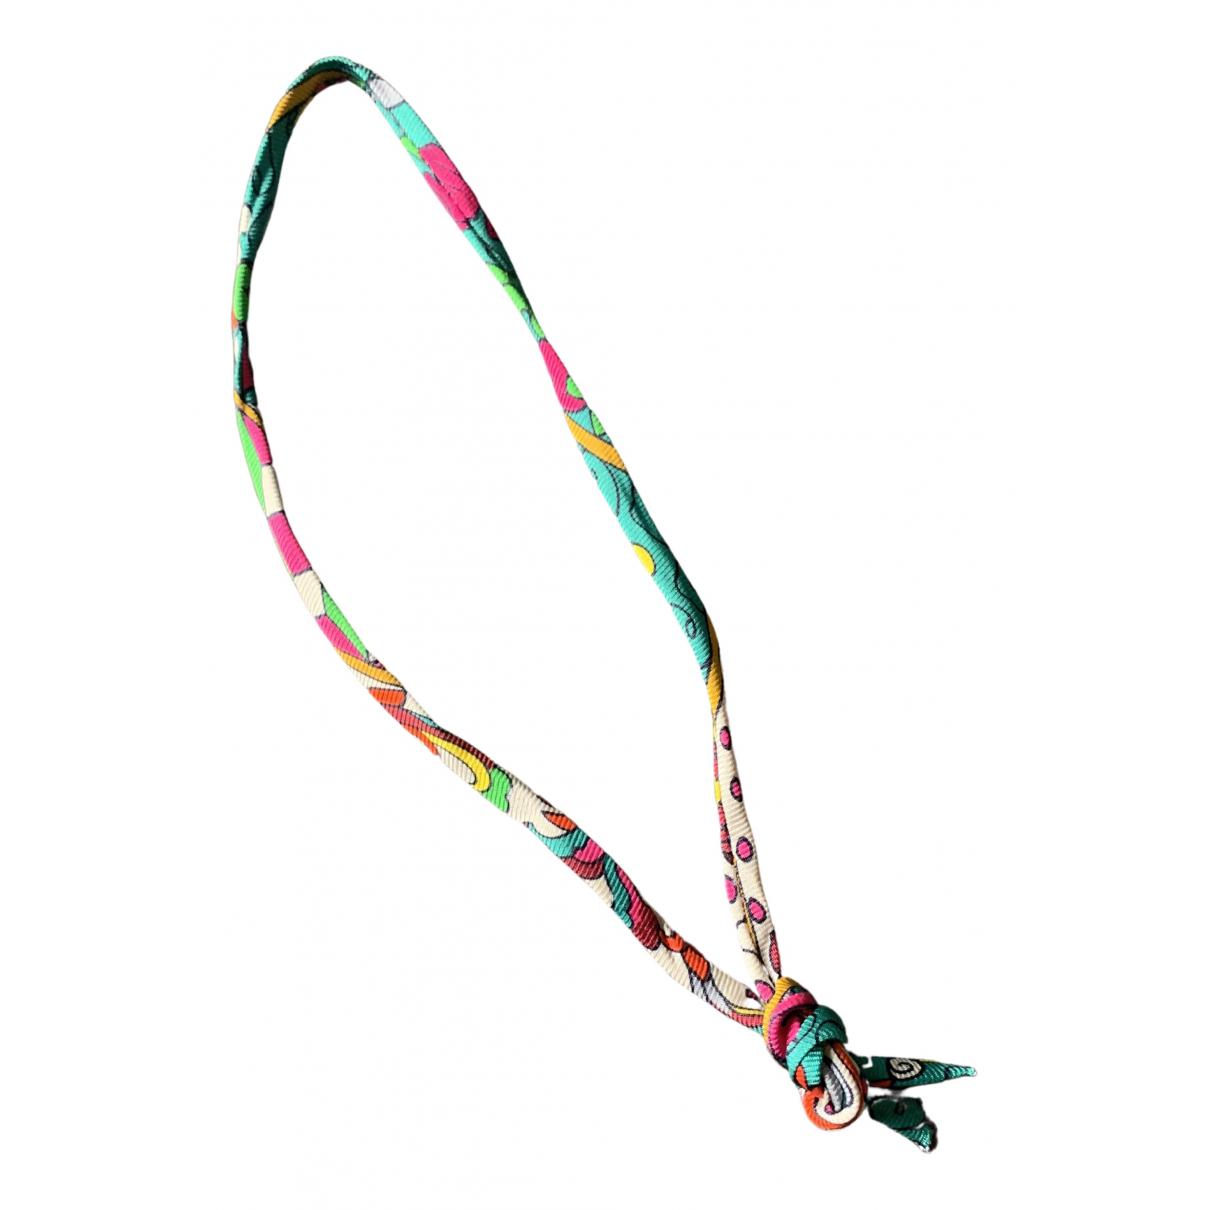 Hermes - Bracelet   pour femme en soie - multicolore